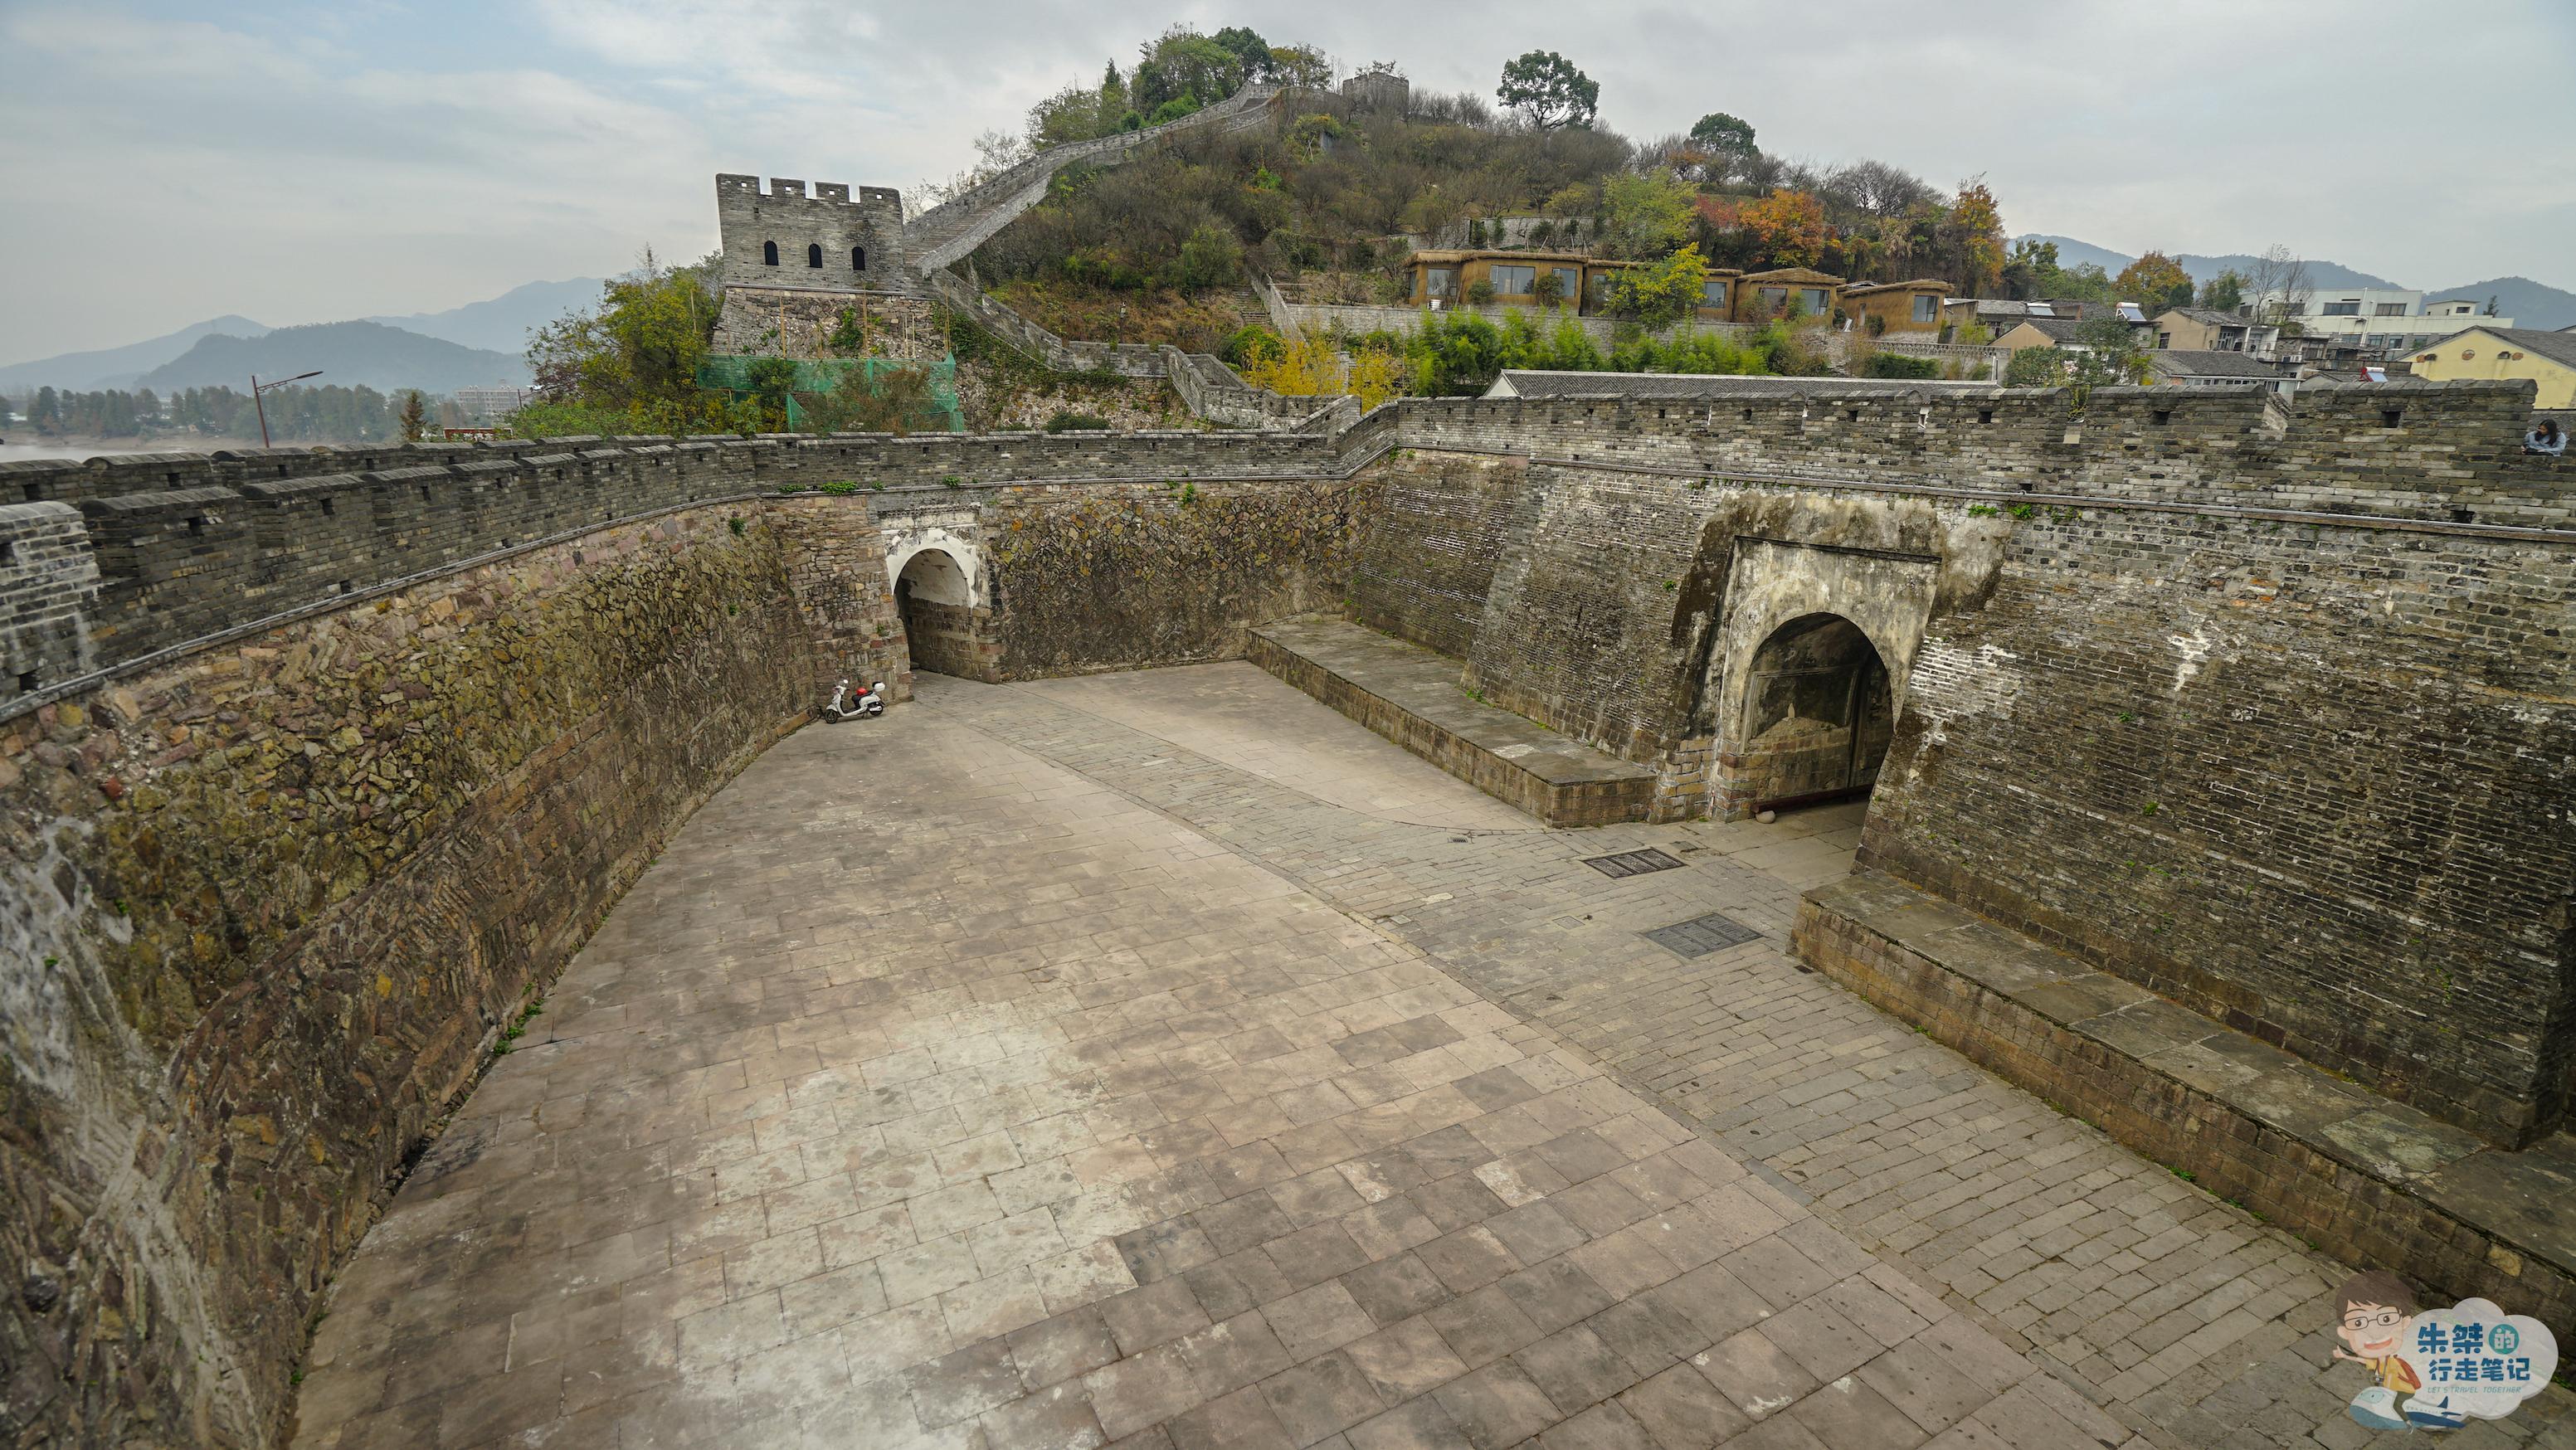 """浙江现存最古老的古长城,有1600多年历史,被誉为""""江南八达岭"""""""